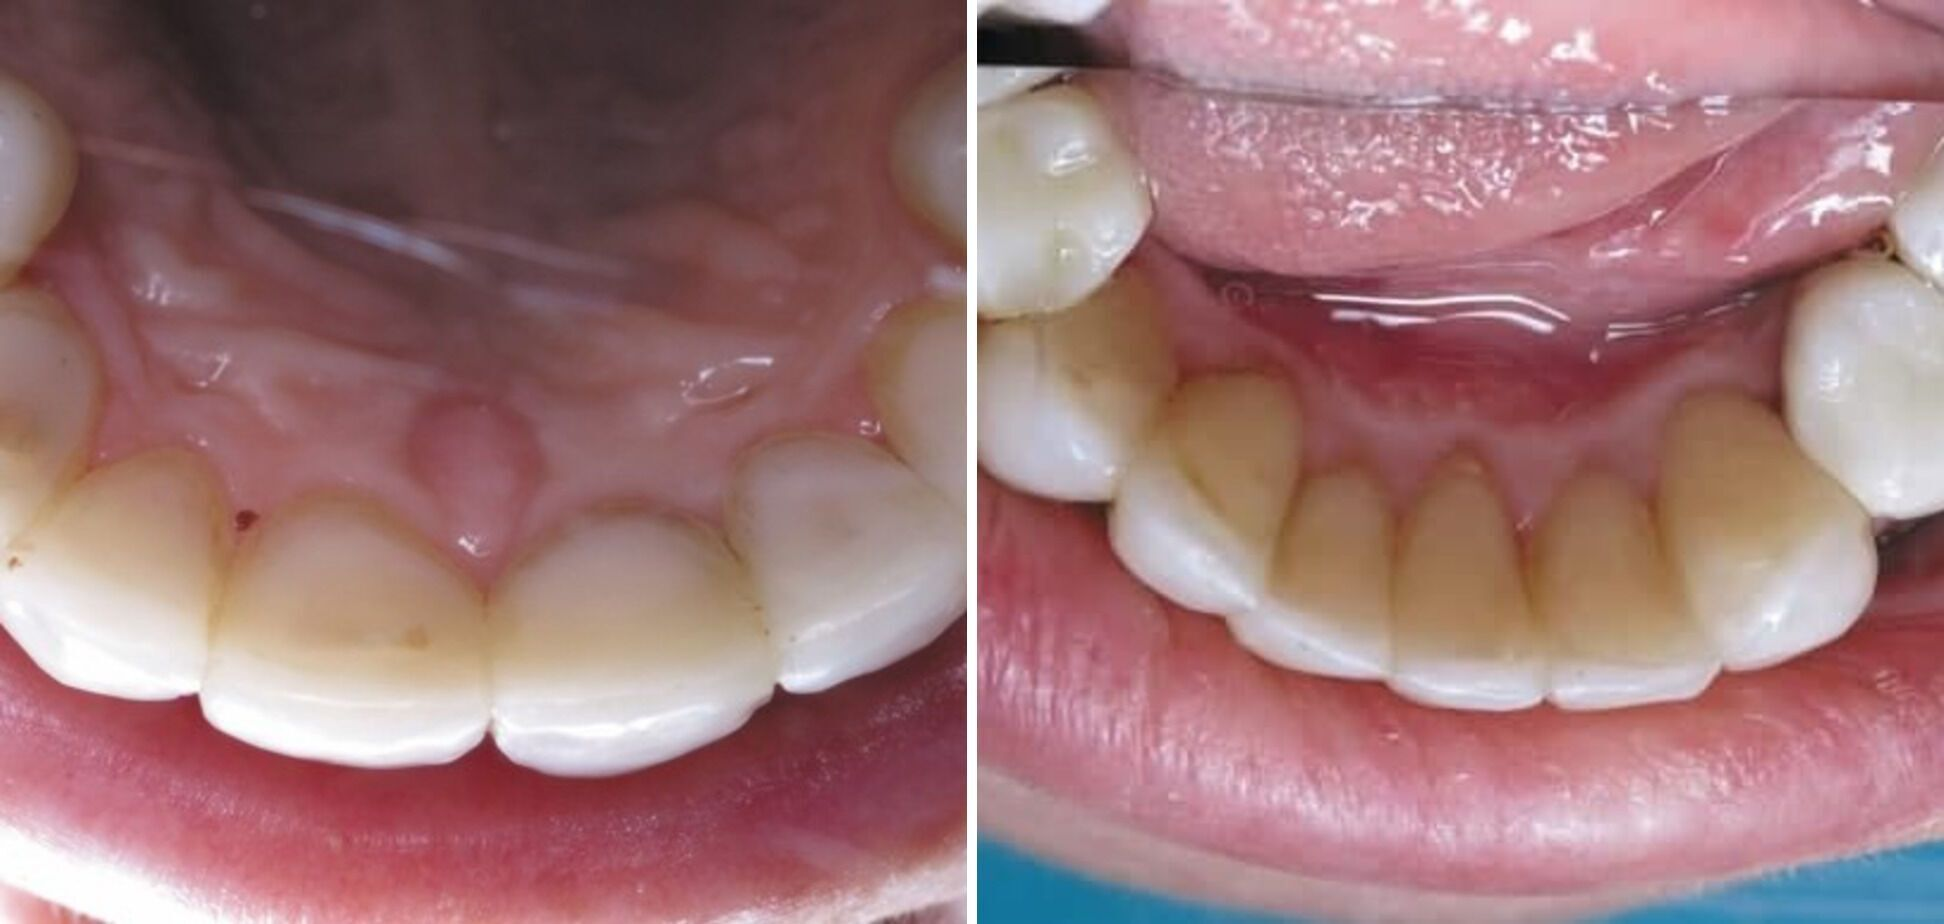 Пациентка использует систему нагревания табака. Зубы восстановлены композитными реставрациями около года назад. Снятие зубных отложений около полугода назад.